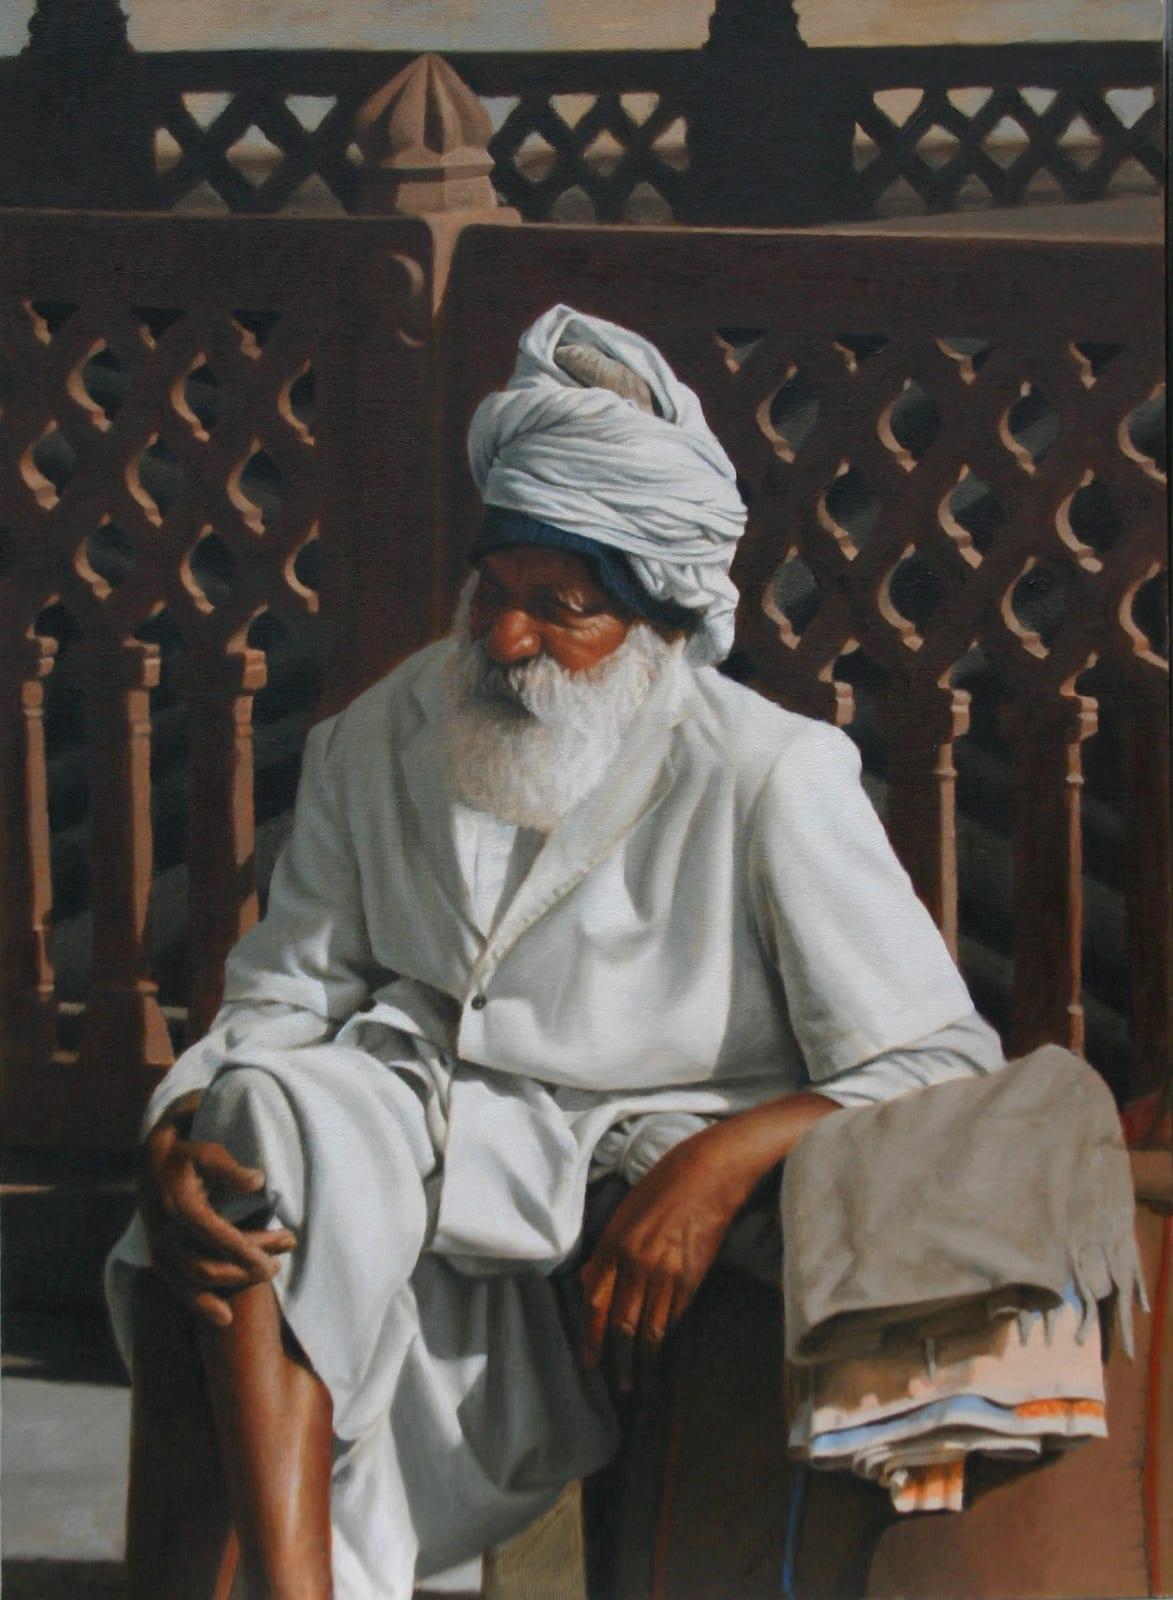 Mark Clark, Rajasthani Man, Jodhpur